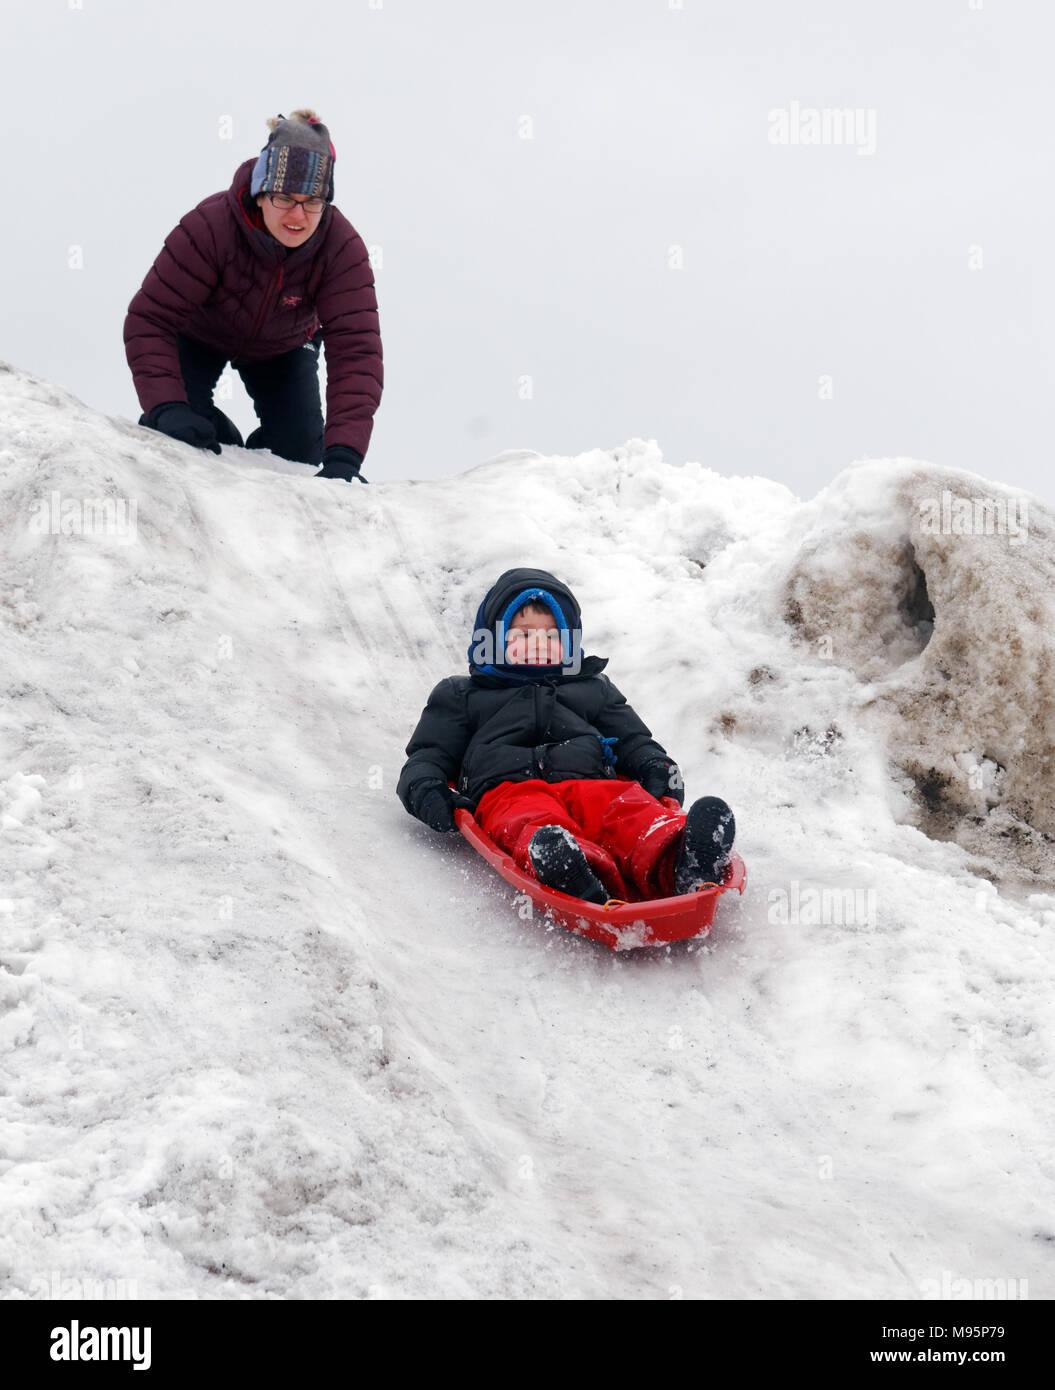 Una madre vela ansiosamente como su hijo trineos abajo una empinada ladera helada y malvadamente rápido Imagen De Stock